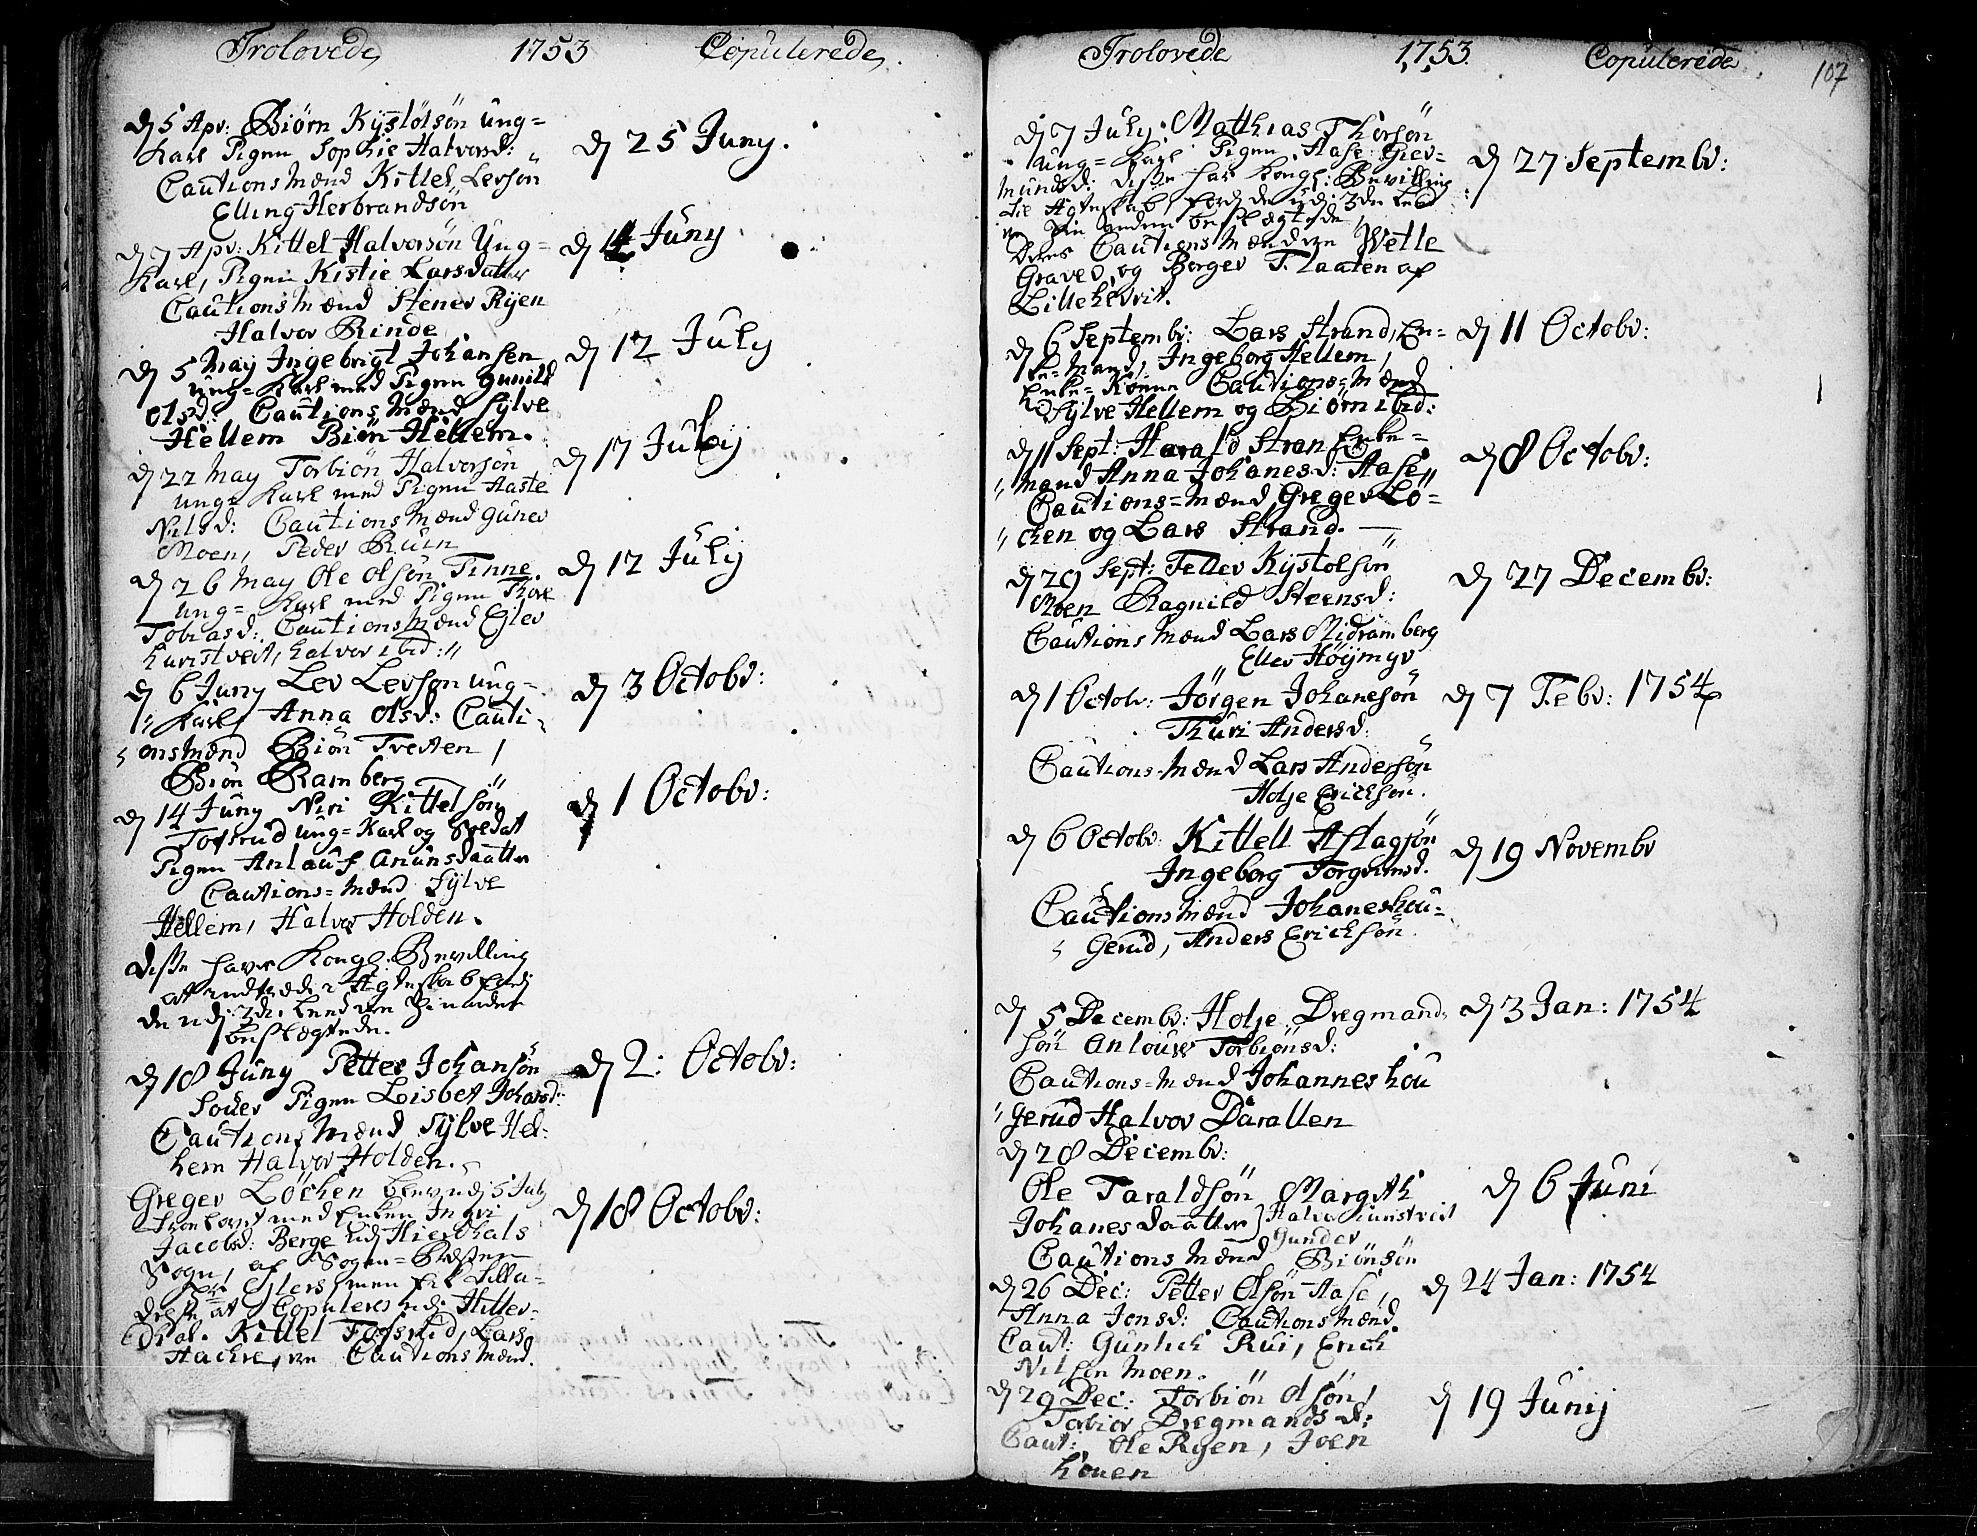 SAKO, Heddal kirkebøker, F/Fa/L0003: Ministerialbok nr. I 3, 1723-1783, s. 107